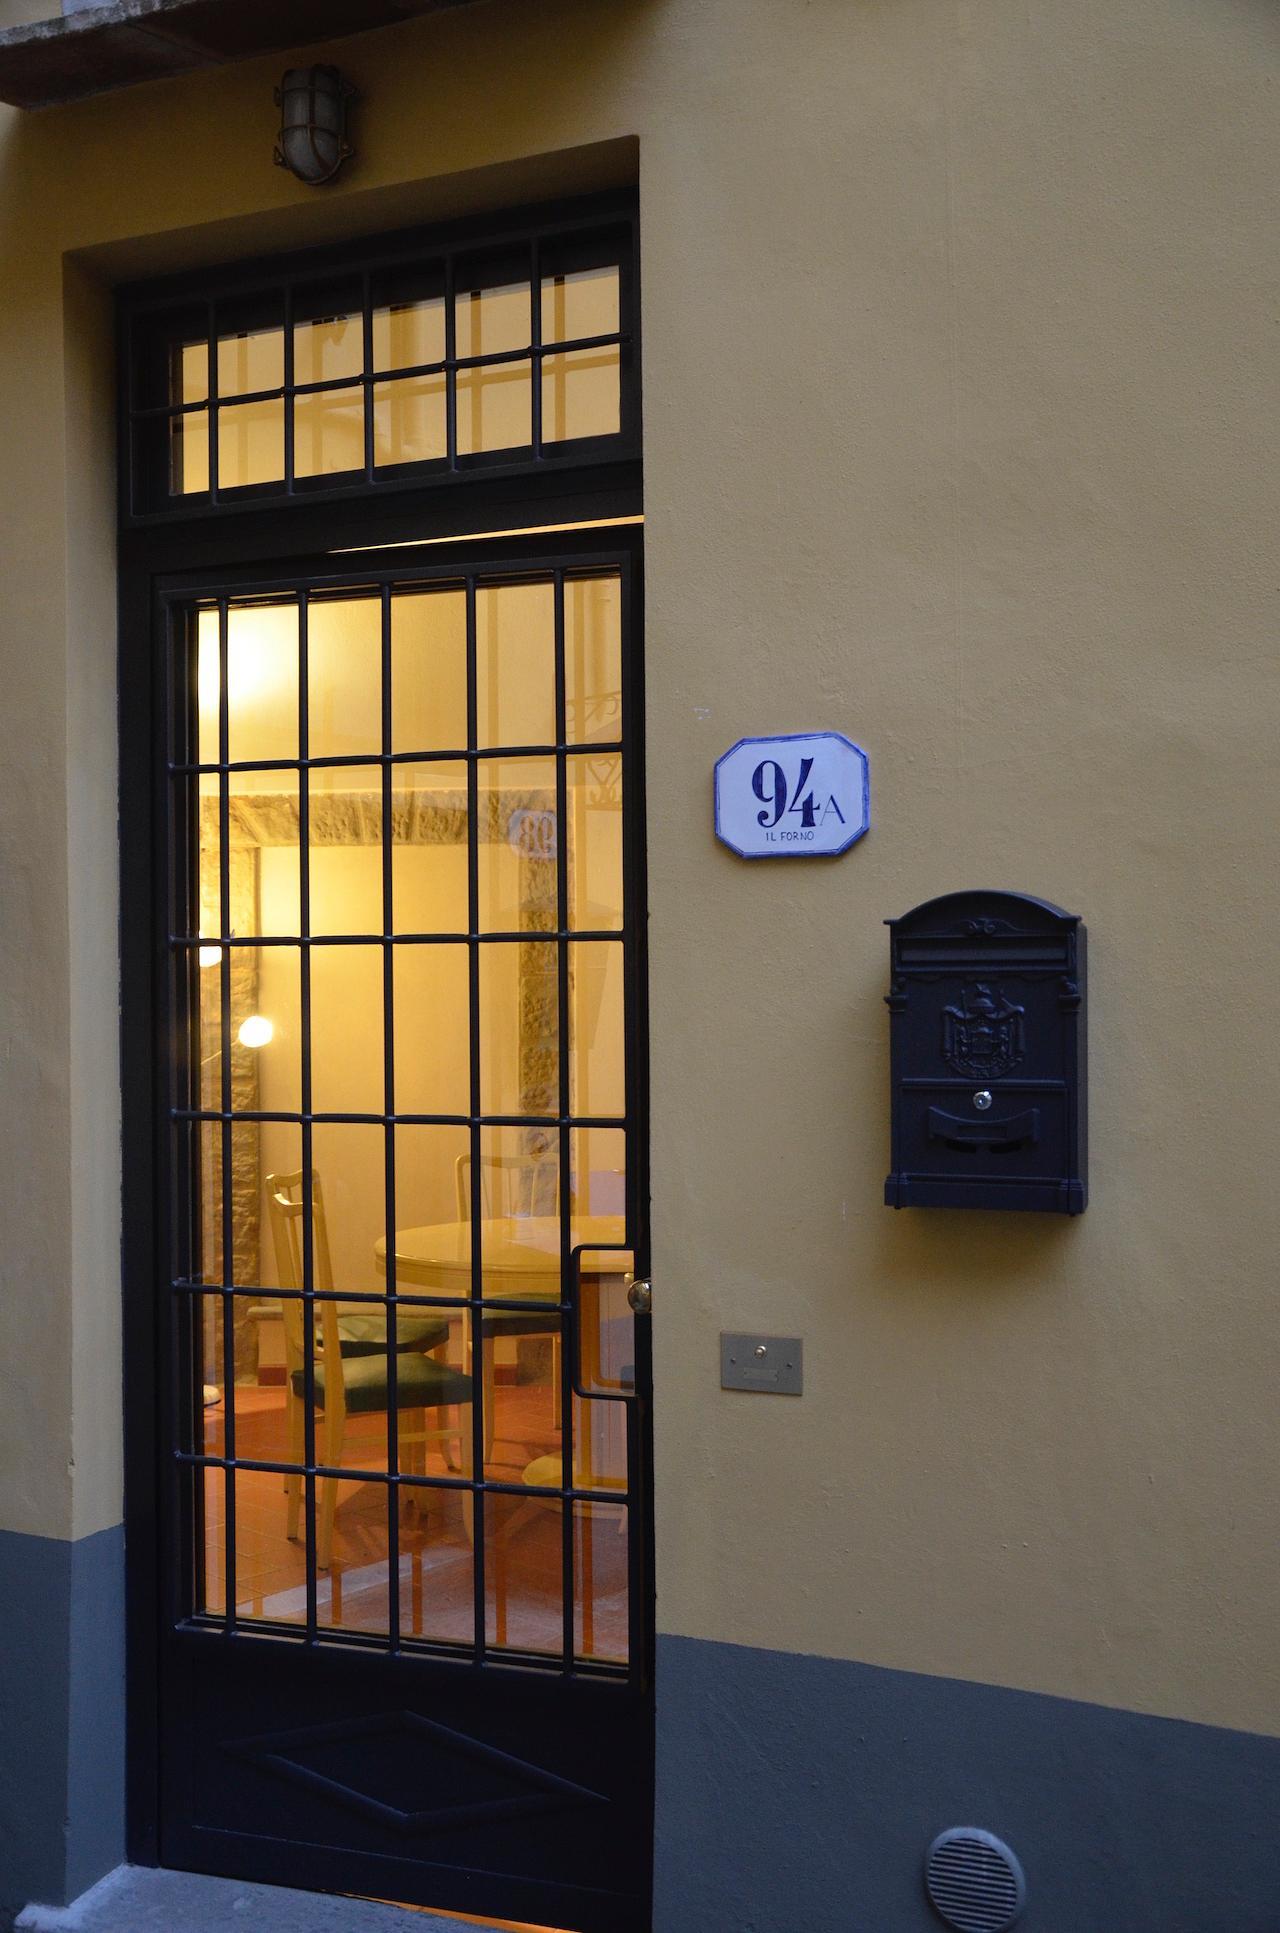 Copertina spazi comuni annuncio affitto in Firenze